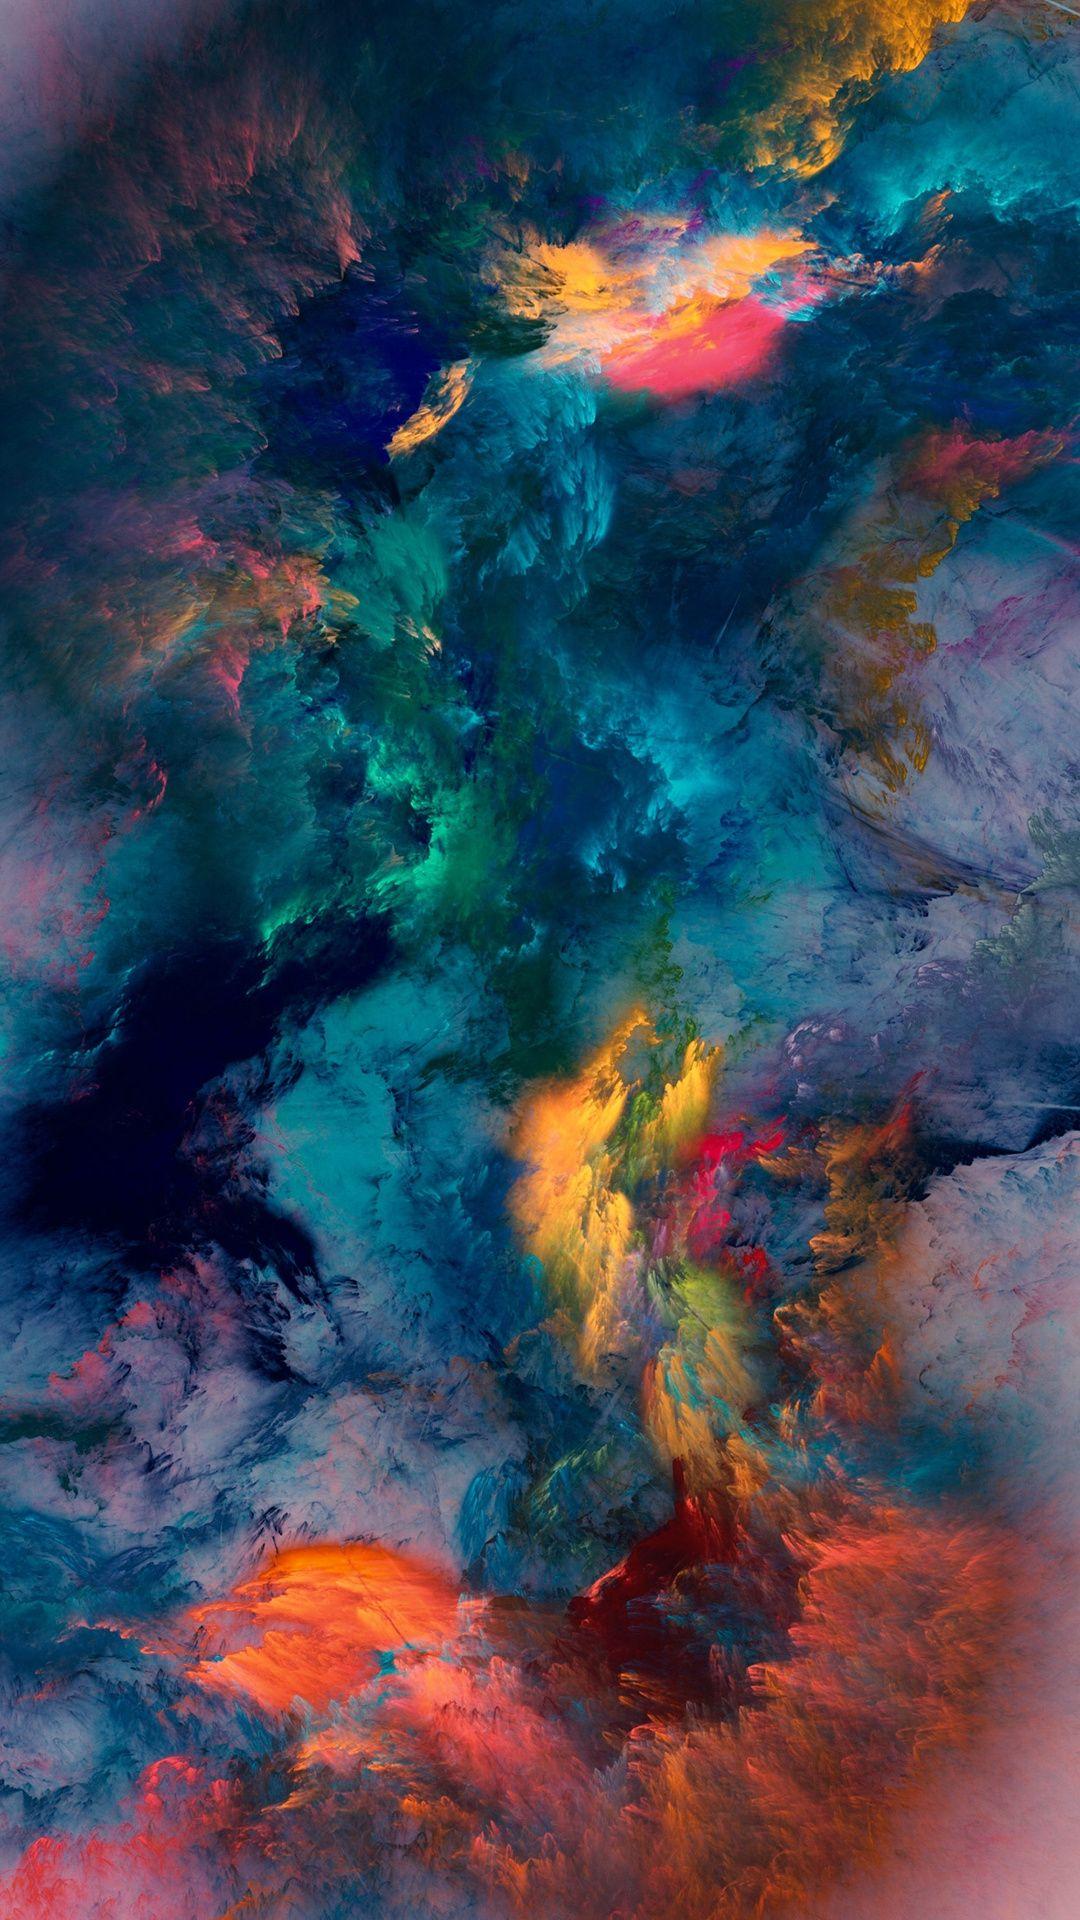 Colour Storm Wallpaper Digital Art Papeis De Parede Para Iphone Papel Celular